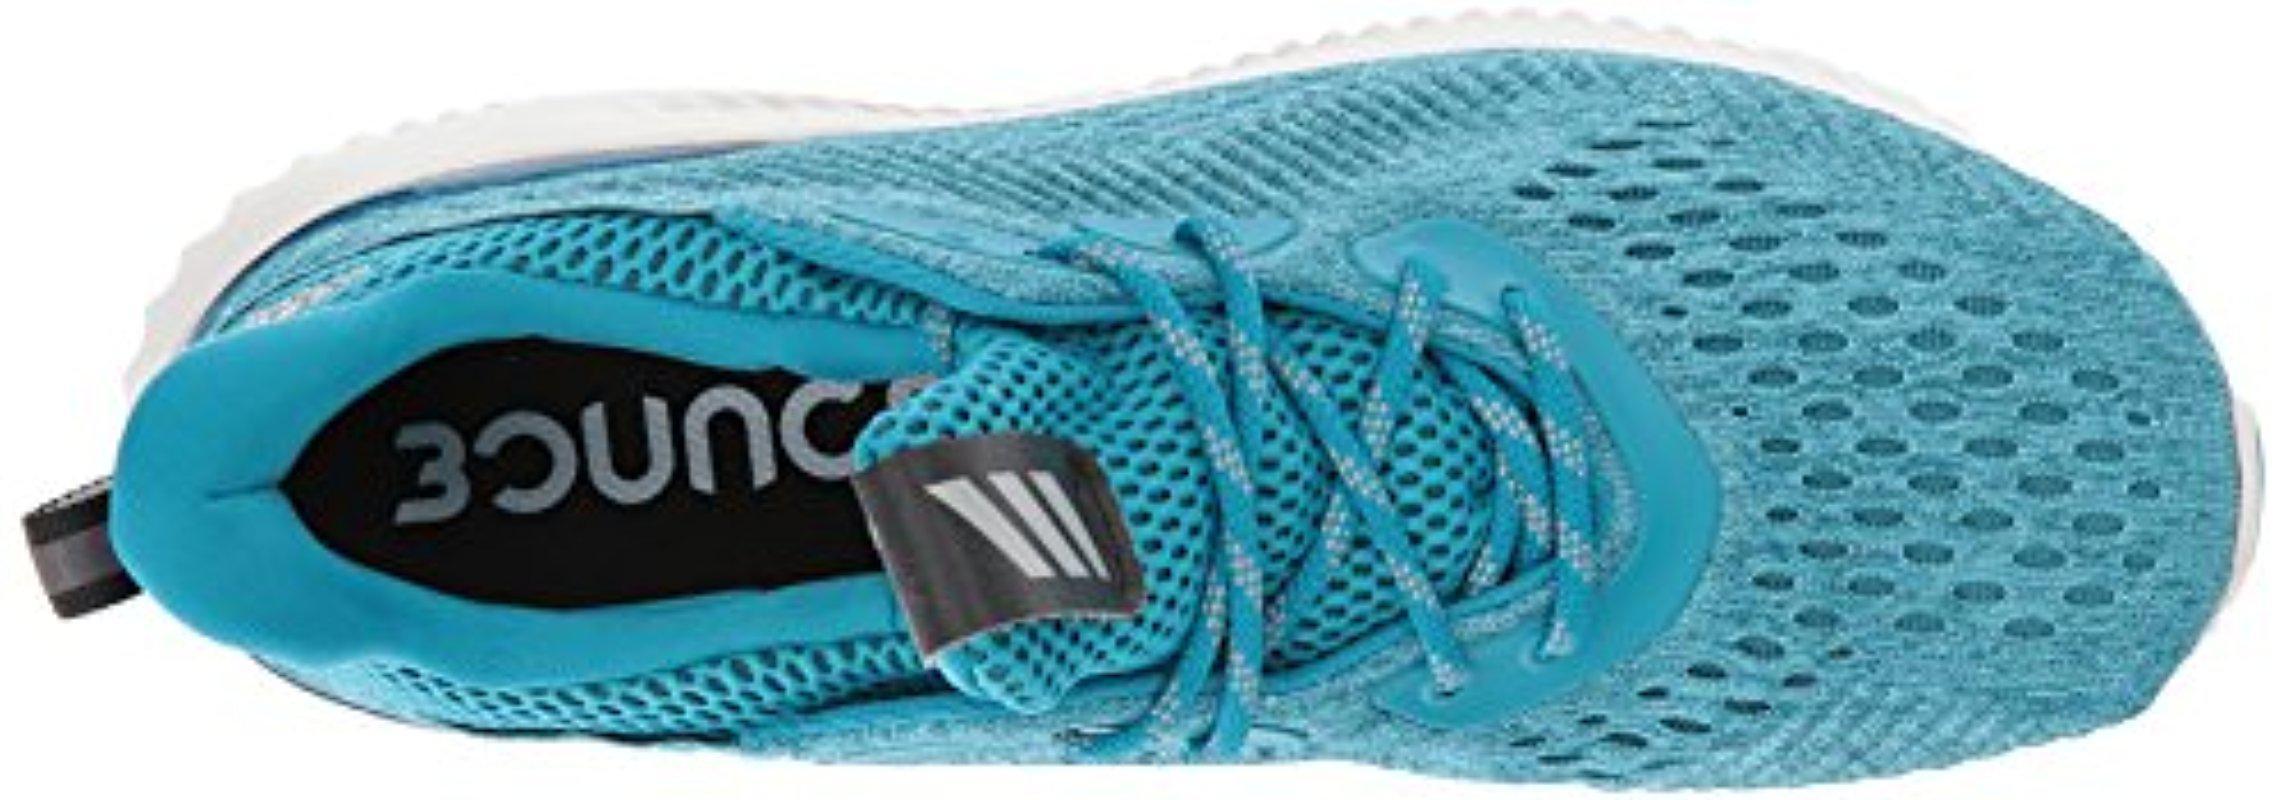 adidas originaux pharrell williams au tennis hu hommes est décontracté bleu